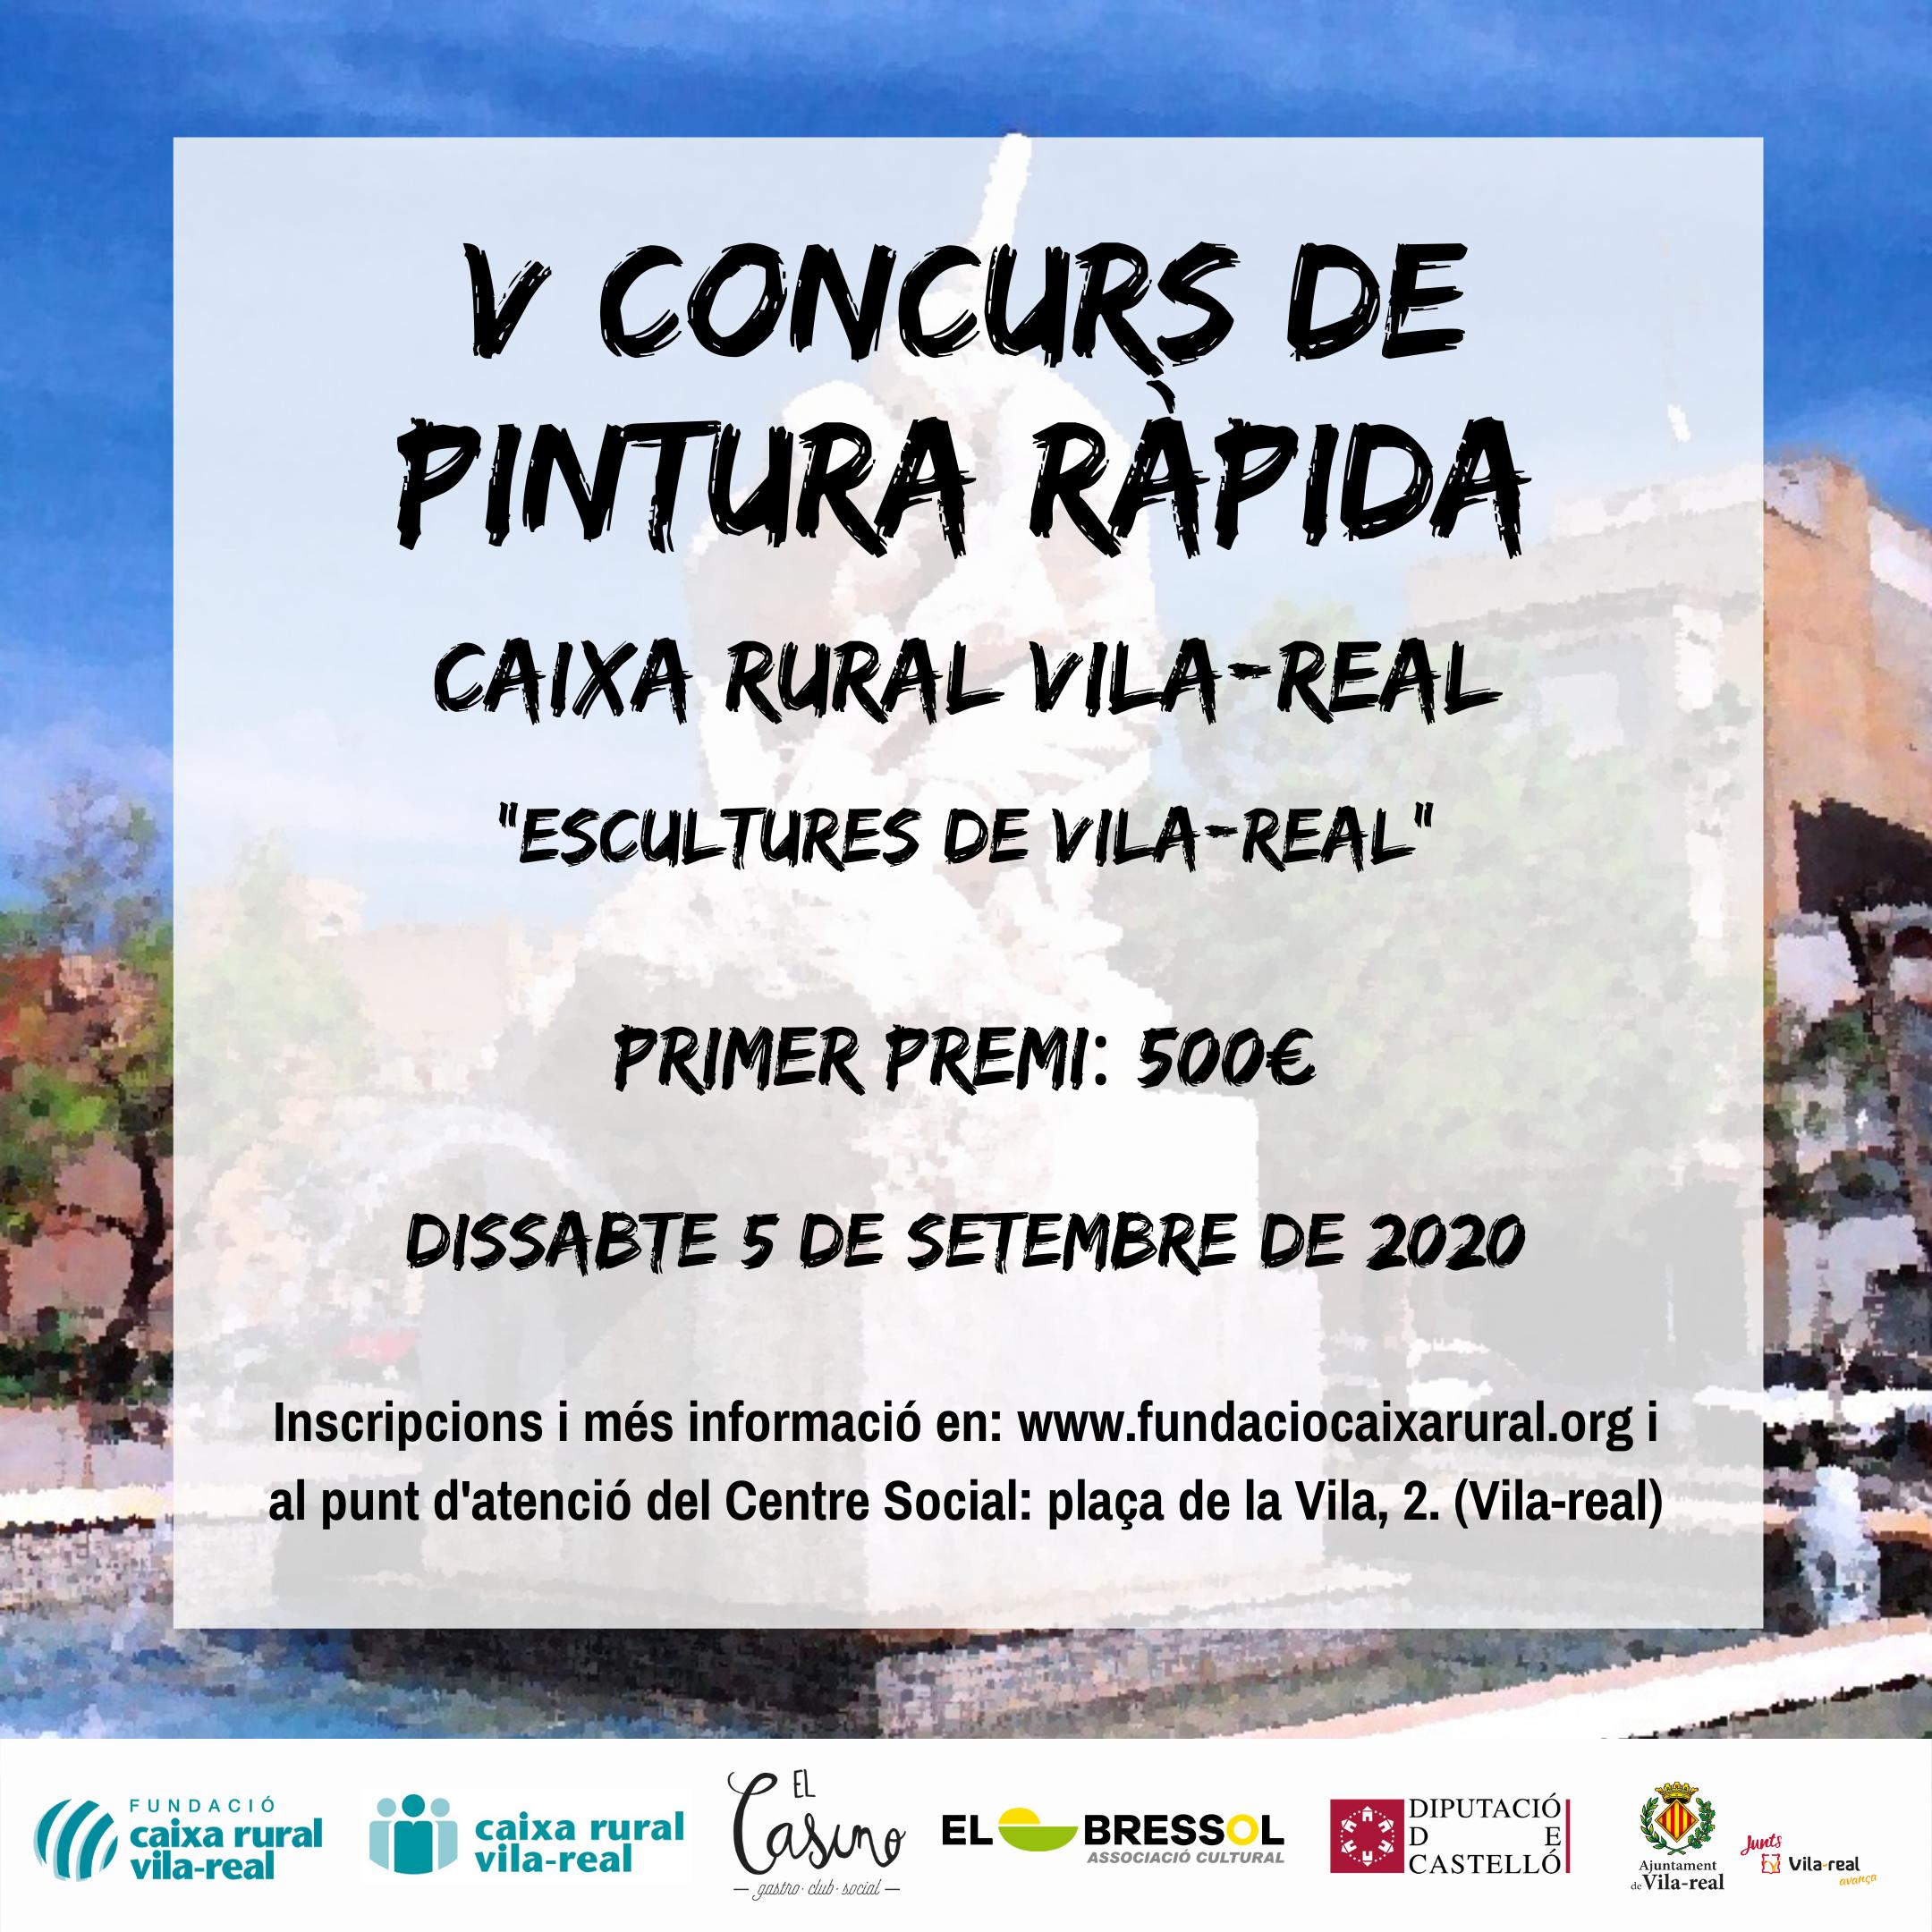 Fundació Caixa Rural Vila-real lanza las inscripciones para la V edición del Concurso de Pintura Rápida